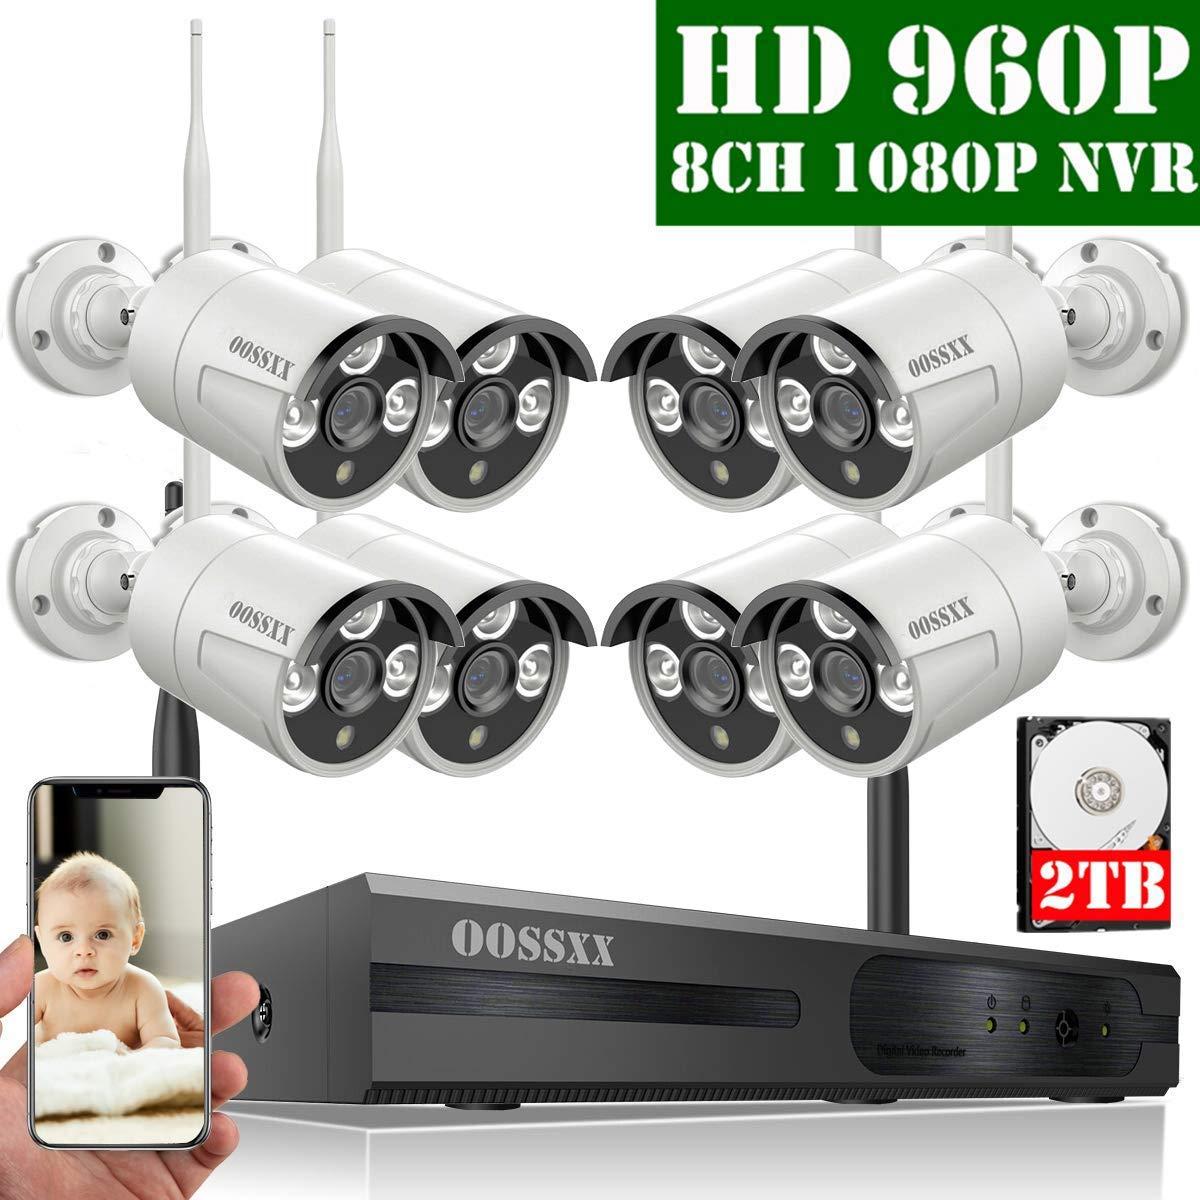 【2020 Nuevo】Sistema de Cámara Inalámbrica de Seguridad Interior/Exterior, 8 Canal 1080P NVR Kit 8 960P IP Cámaras de Videovigilancia WiFi Exterior con Alarma de Detección de Movimiento, 2TB Disco Duro